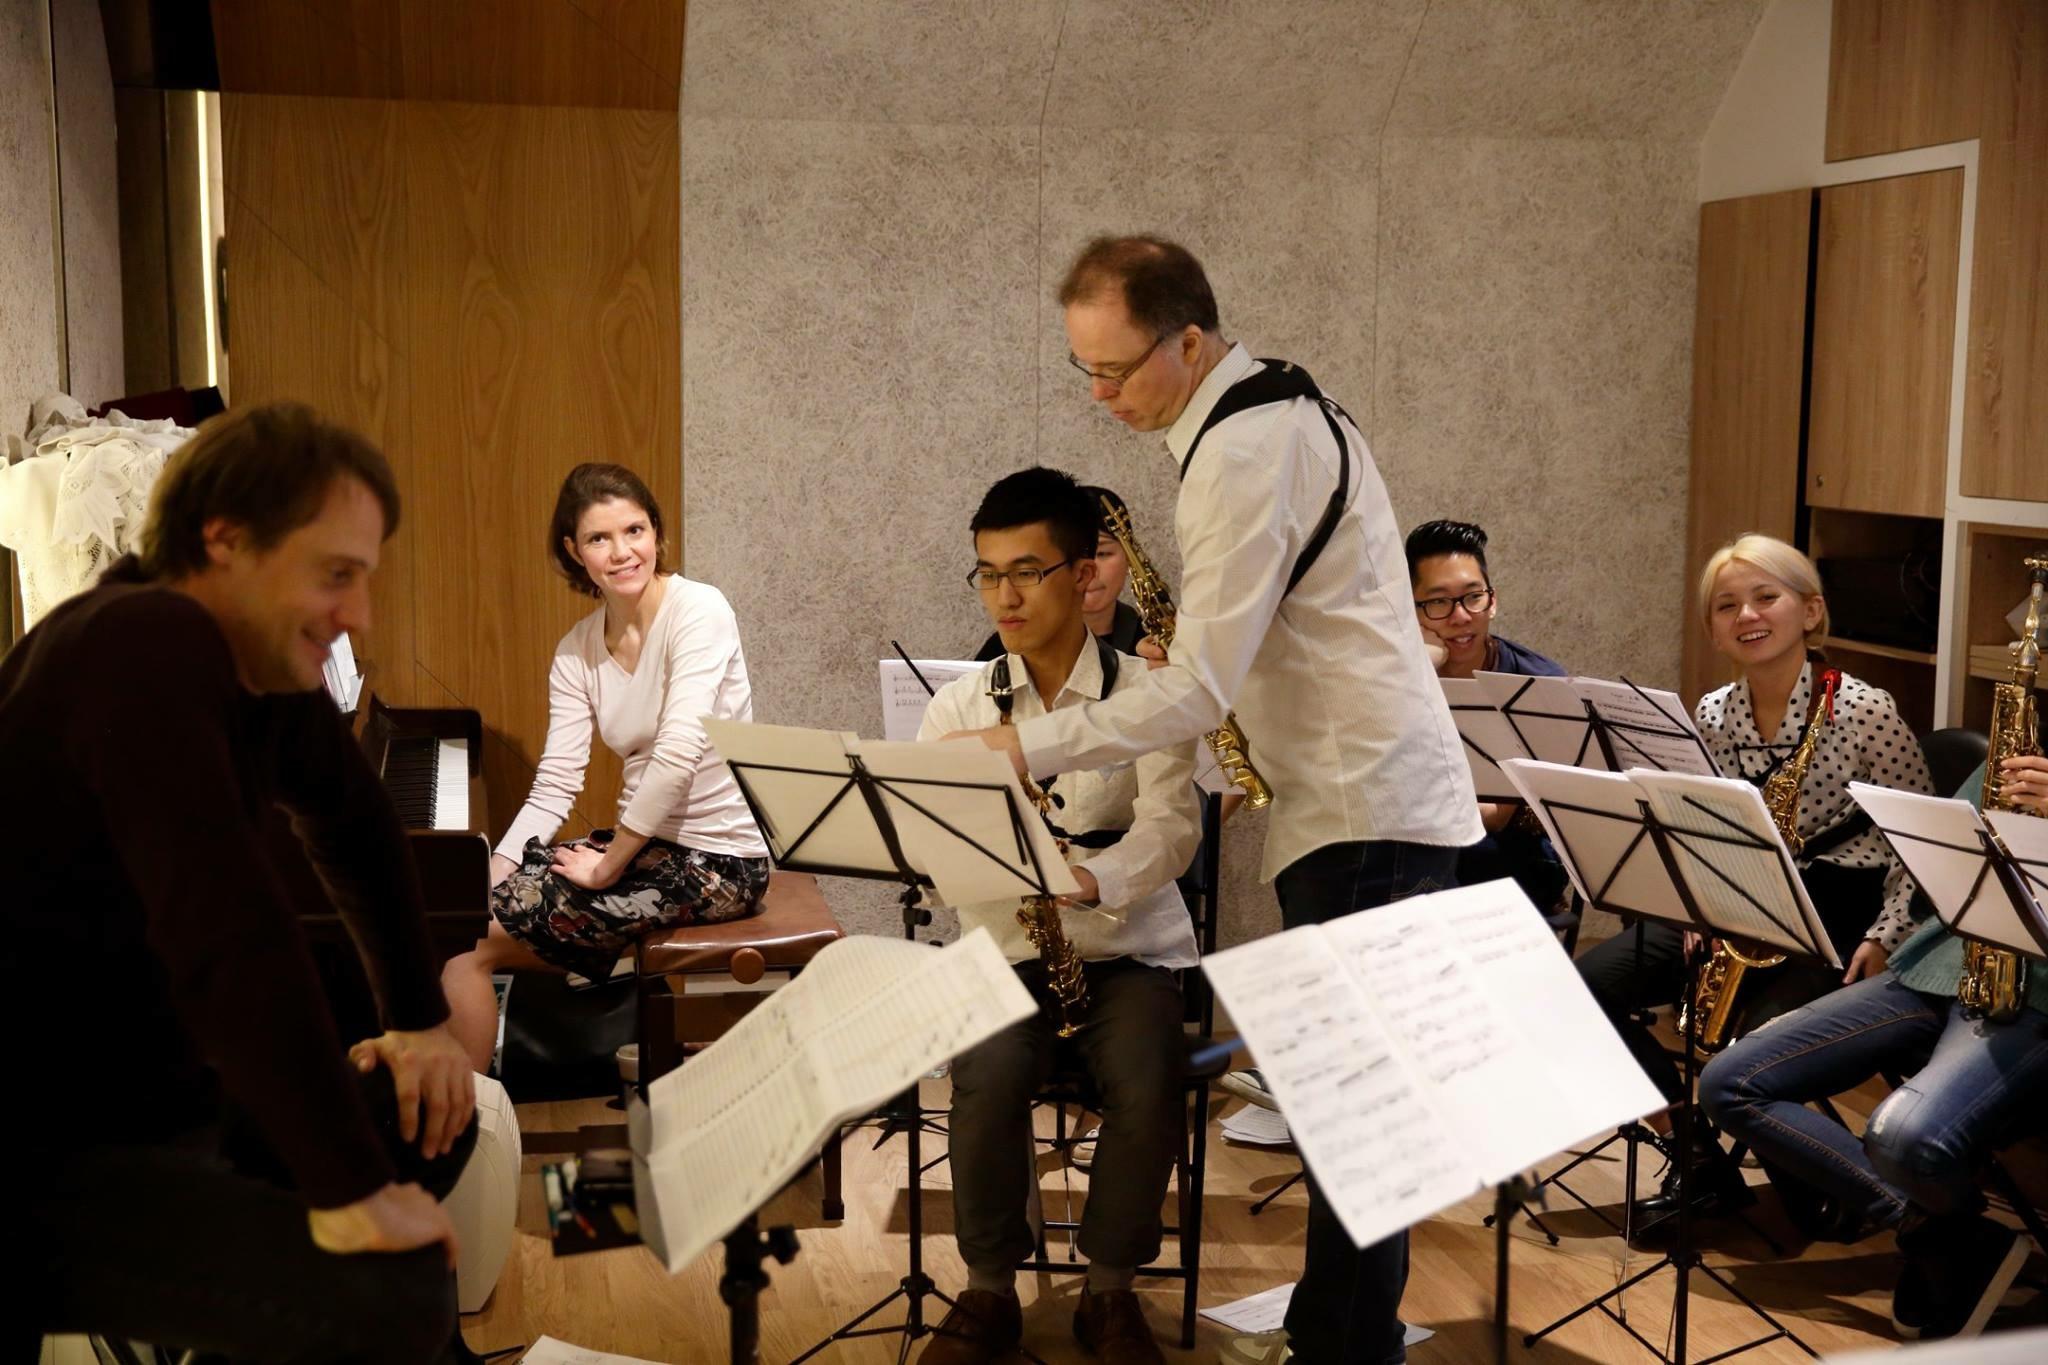 With MIT and Lars Mlekusch